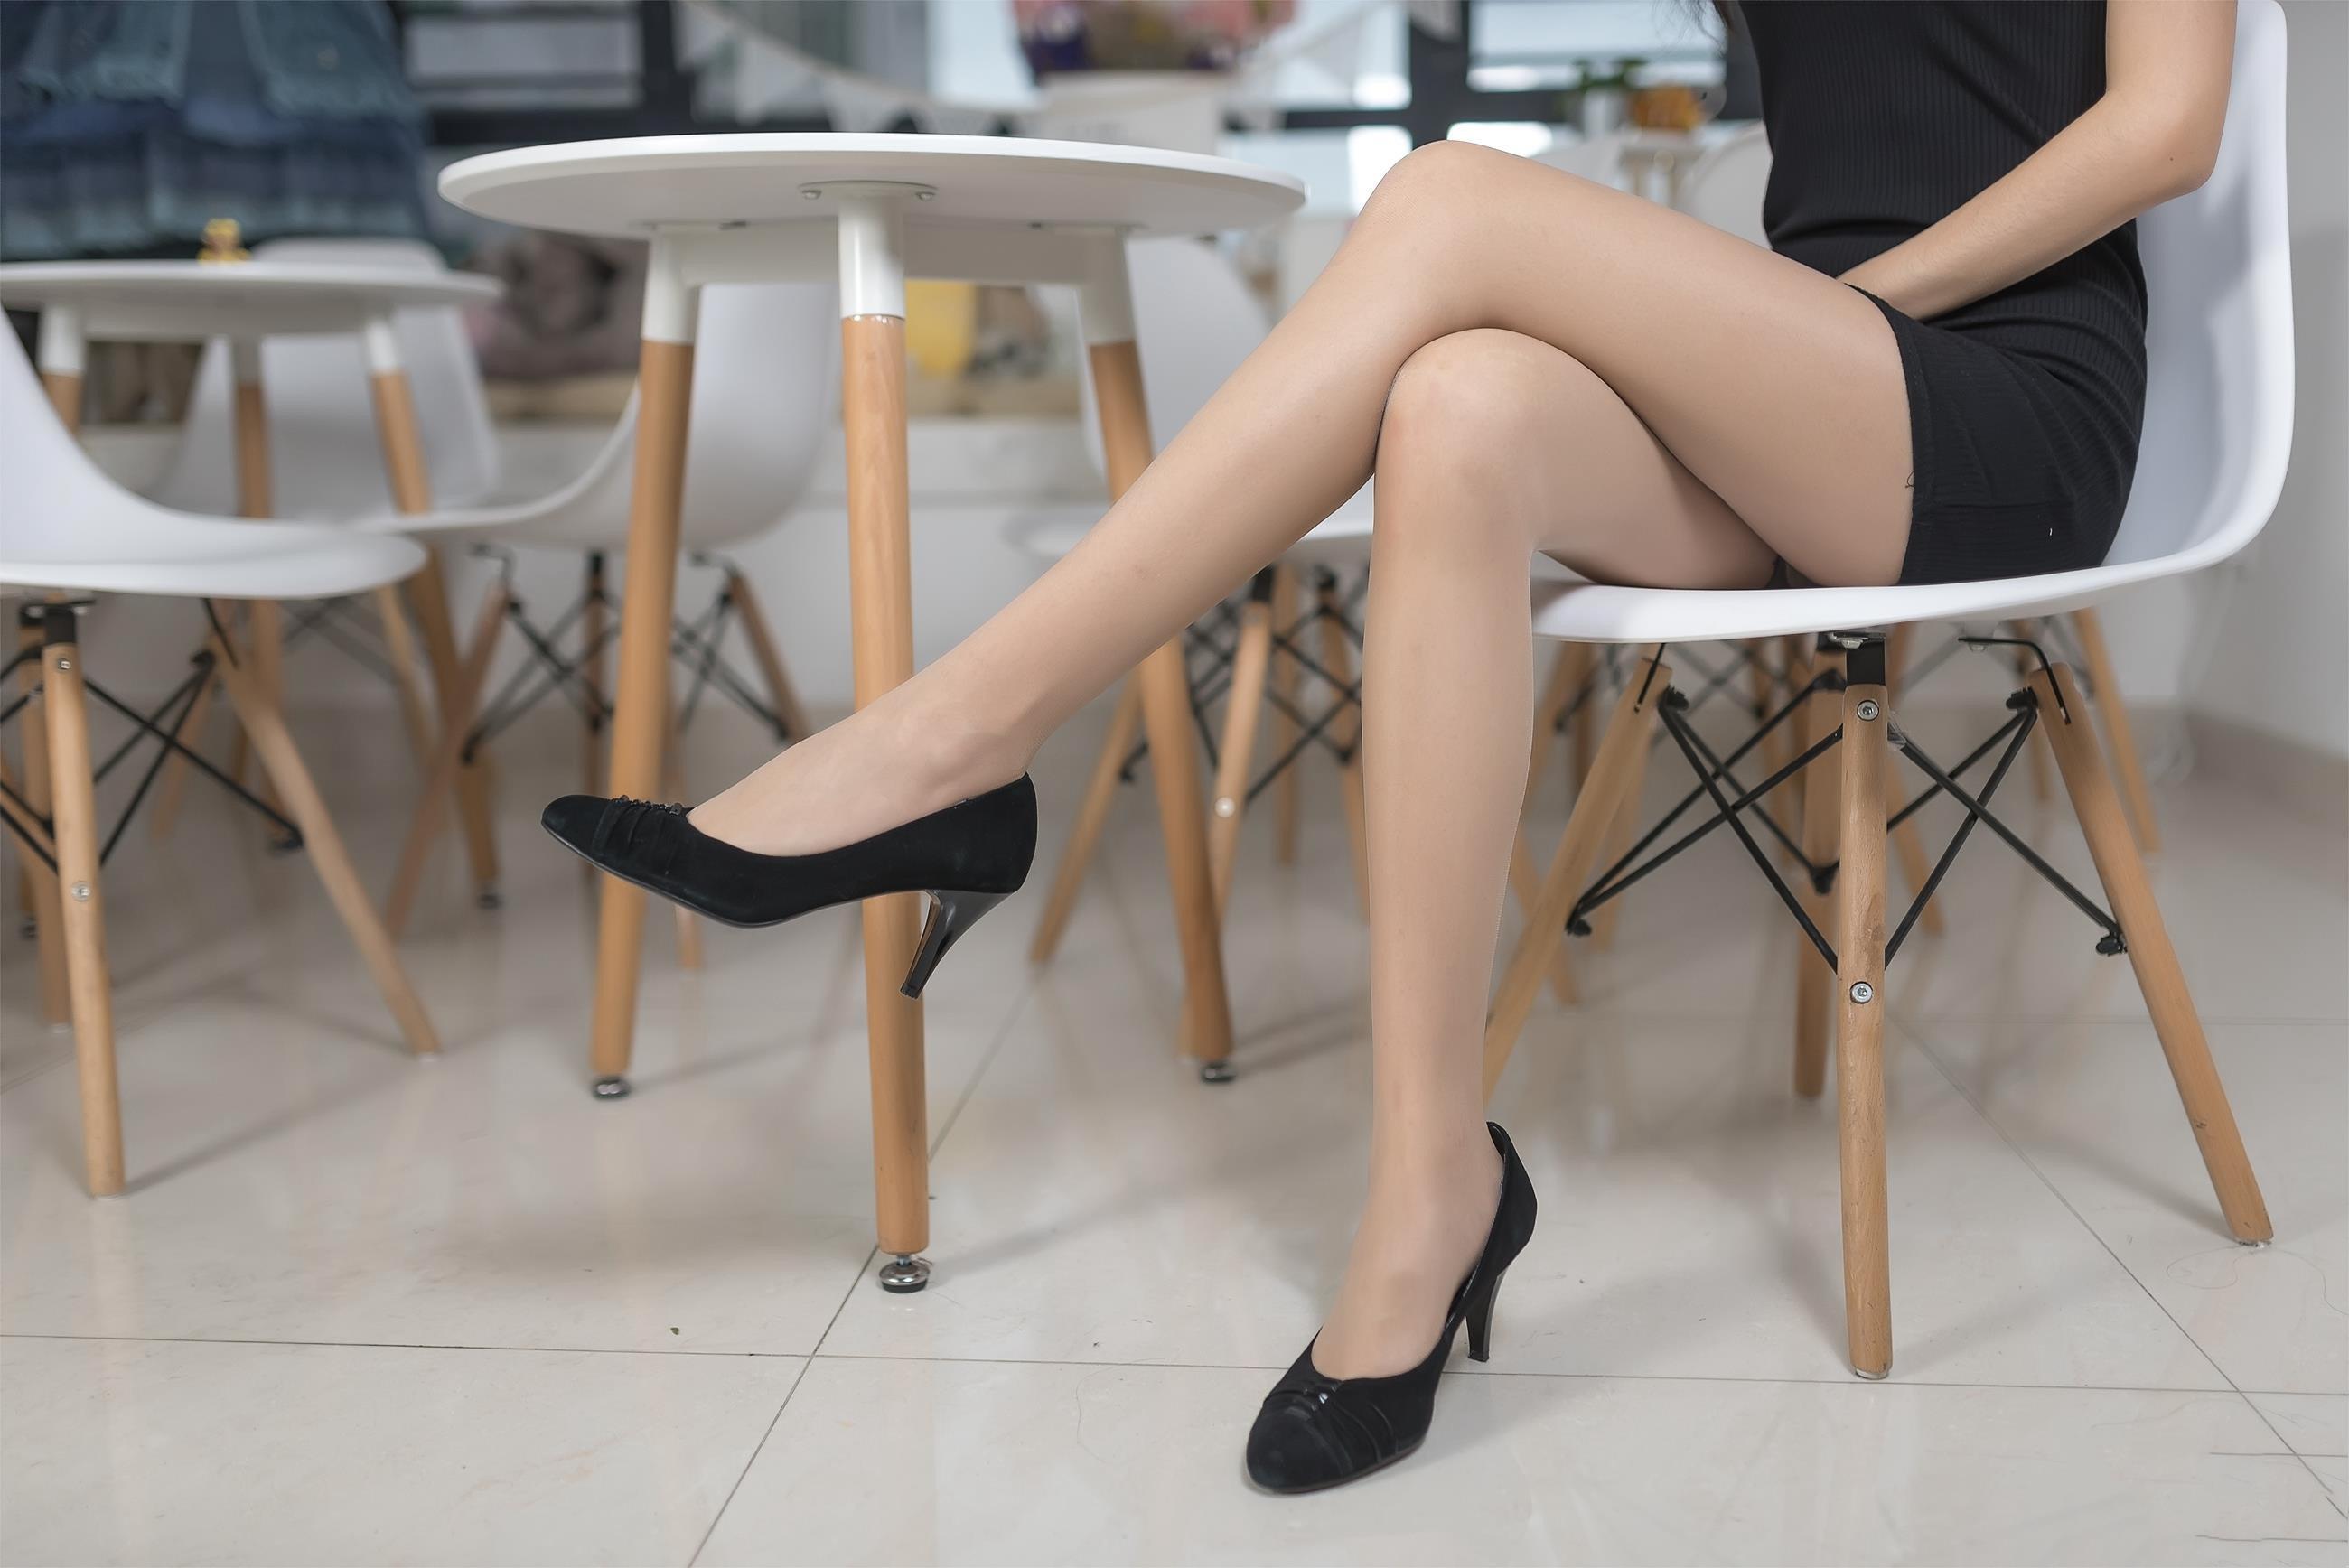 【风之领域0008】美翻了的御姐的丝袜腿,单看腿就感觉神经已经被麻醉!!!-蜜桃畅享